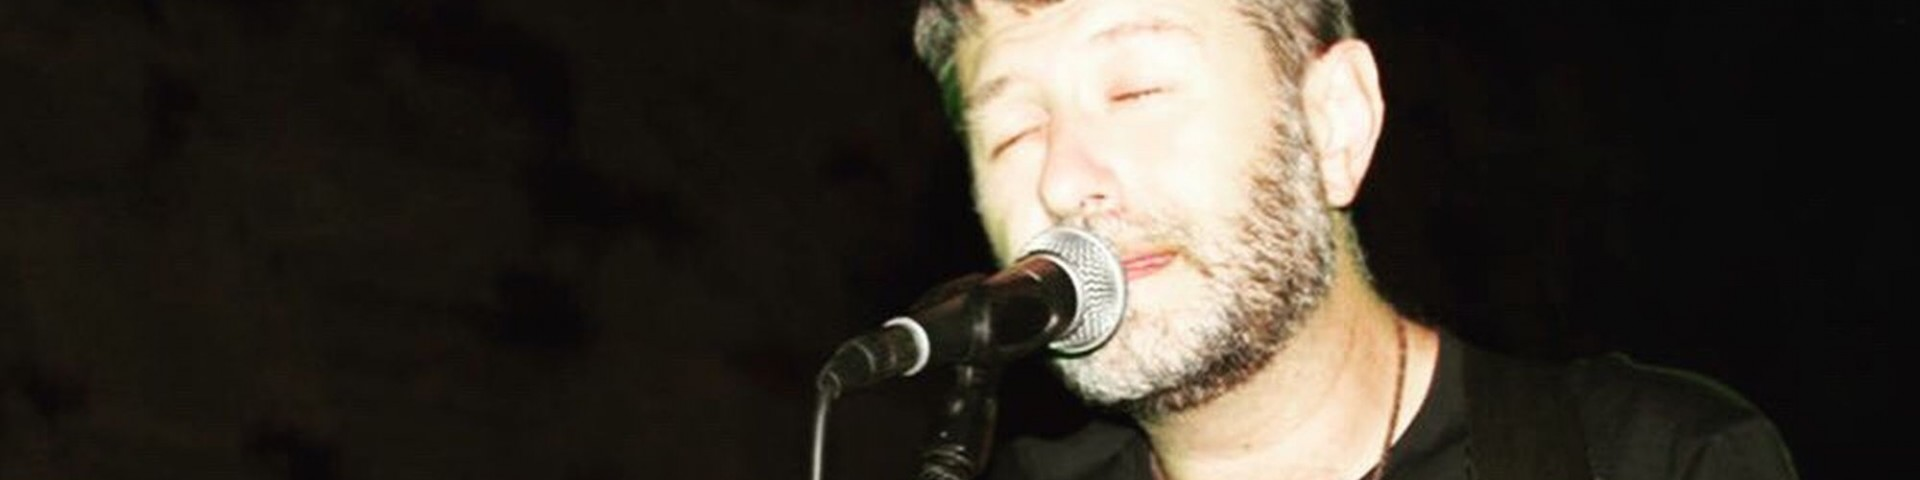 """Sampaolo presenta """"Una Scritta Sul Muro"""" (Video Ufficiale)"""